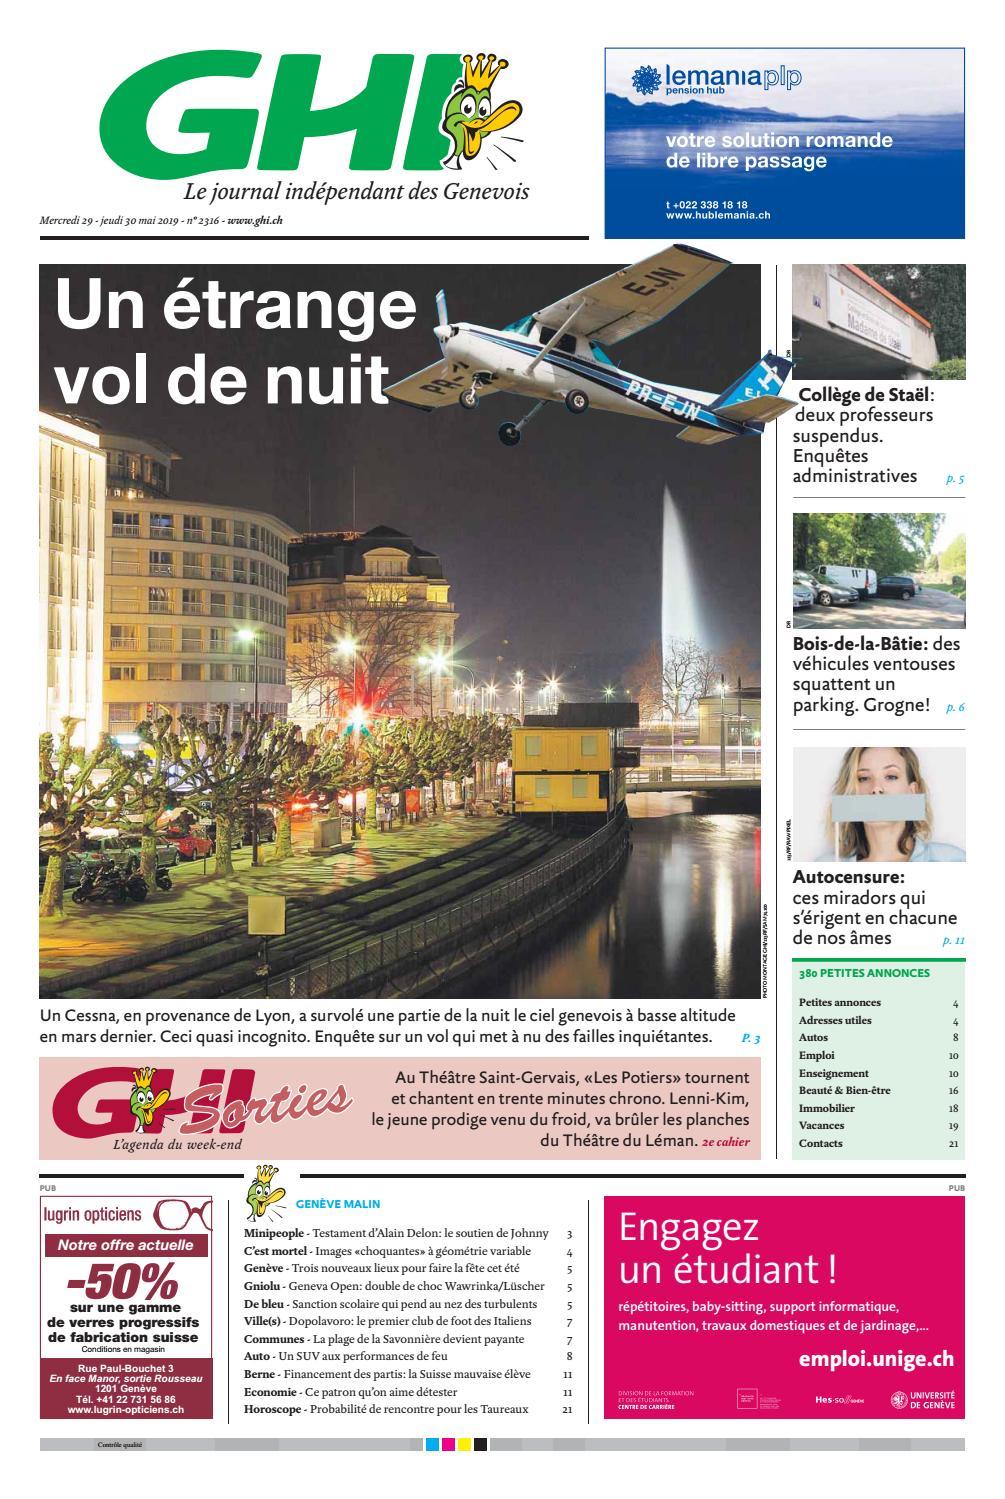 Couvrir Une Terrasse Permis De Construire ghi du 30 mai 2019 / clientsghi & lausanne cités - issuu